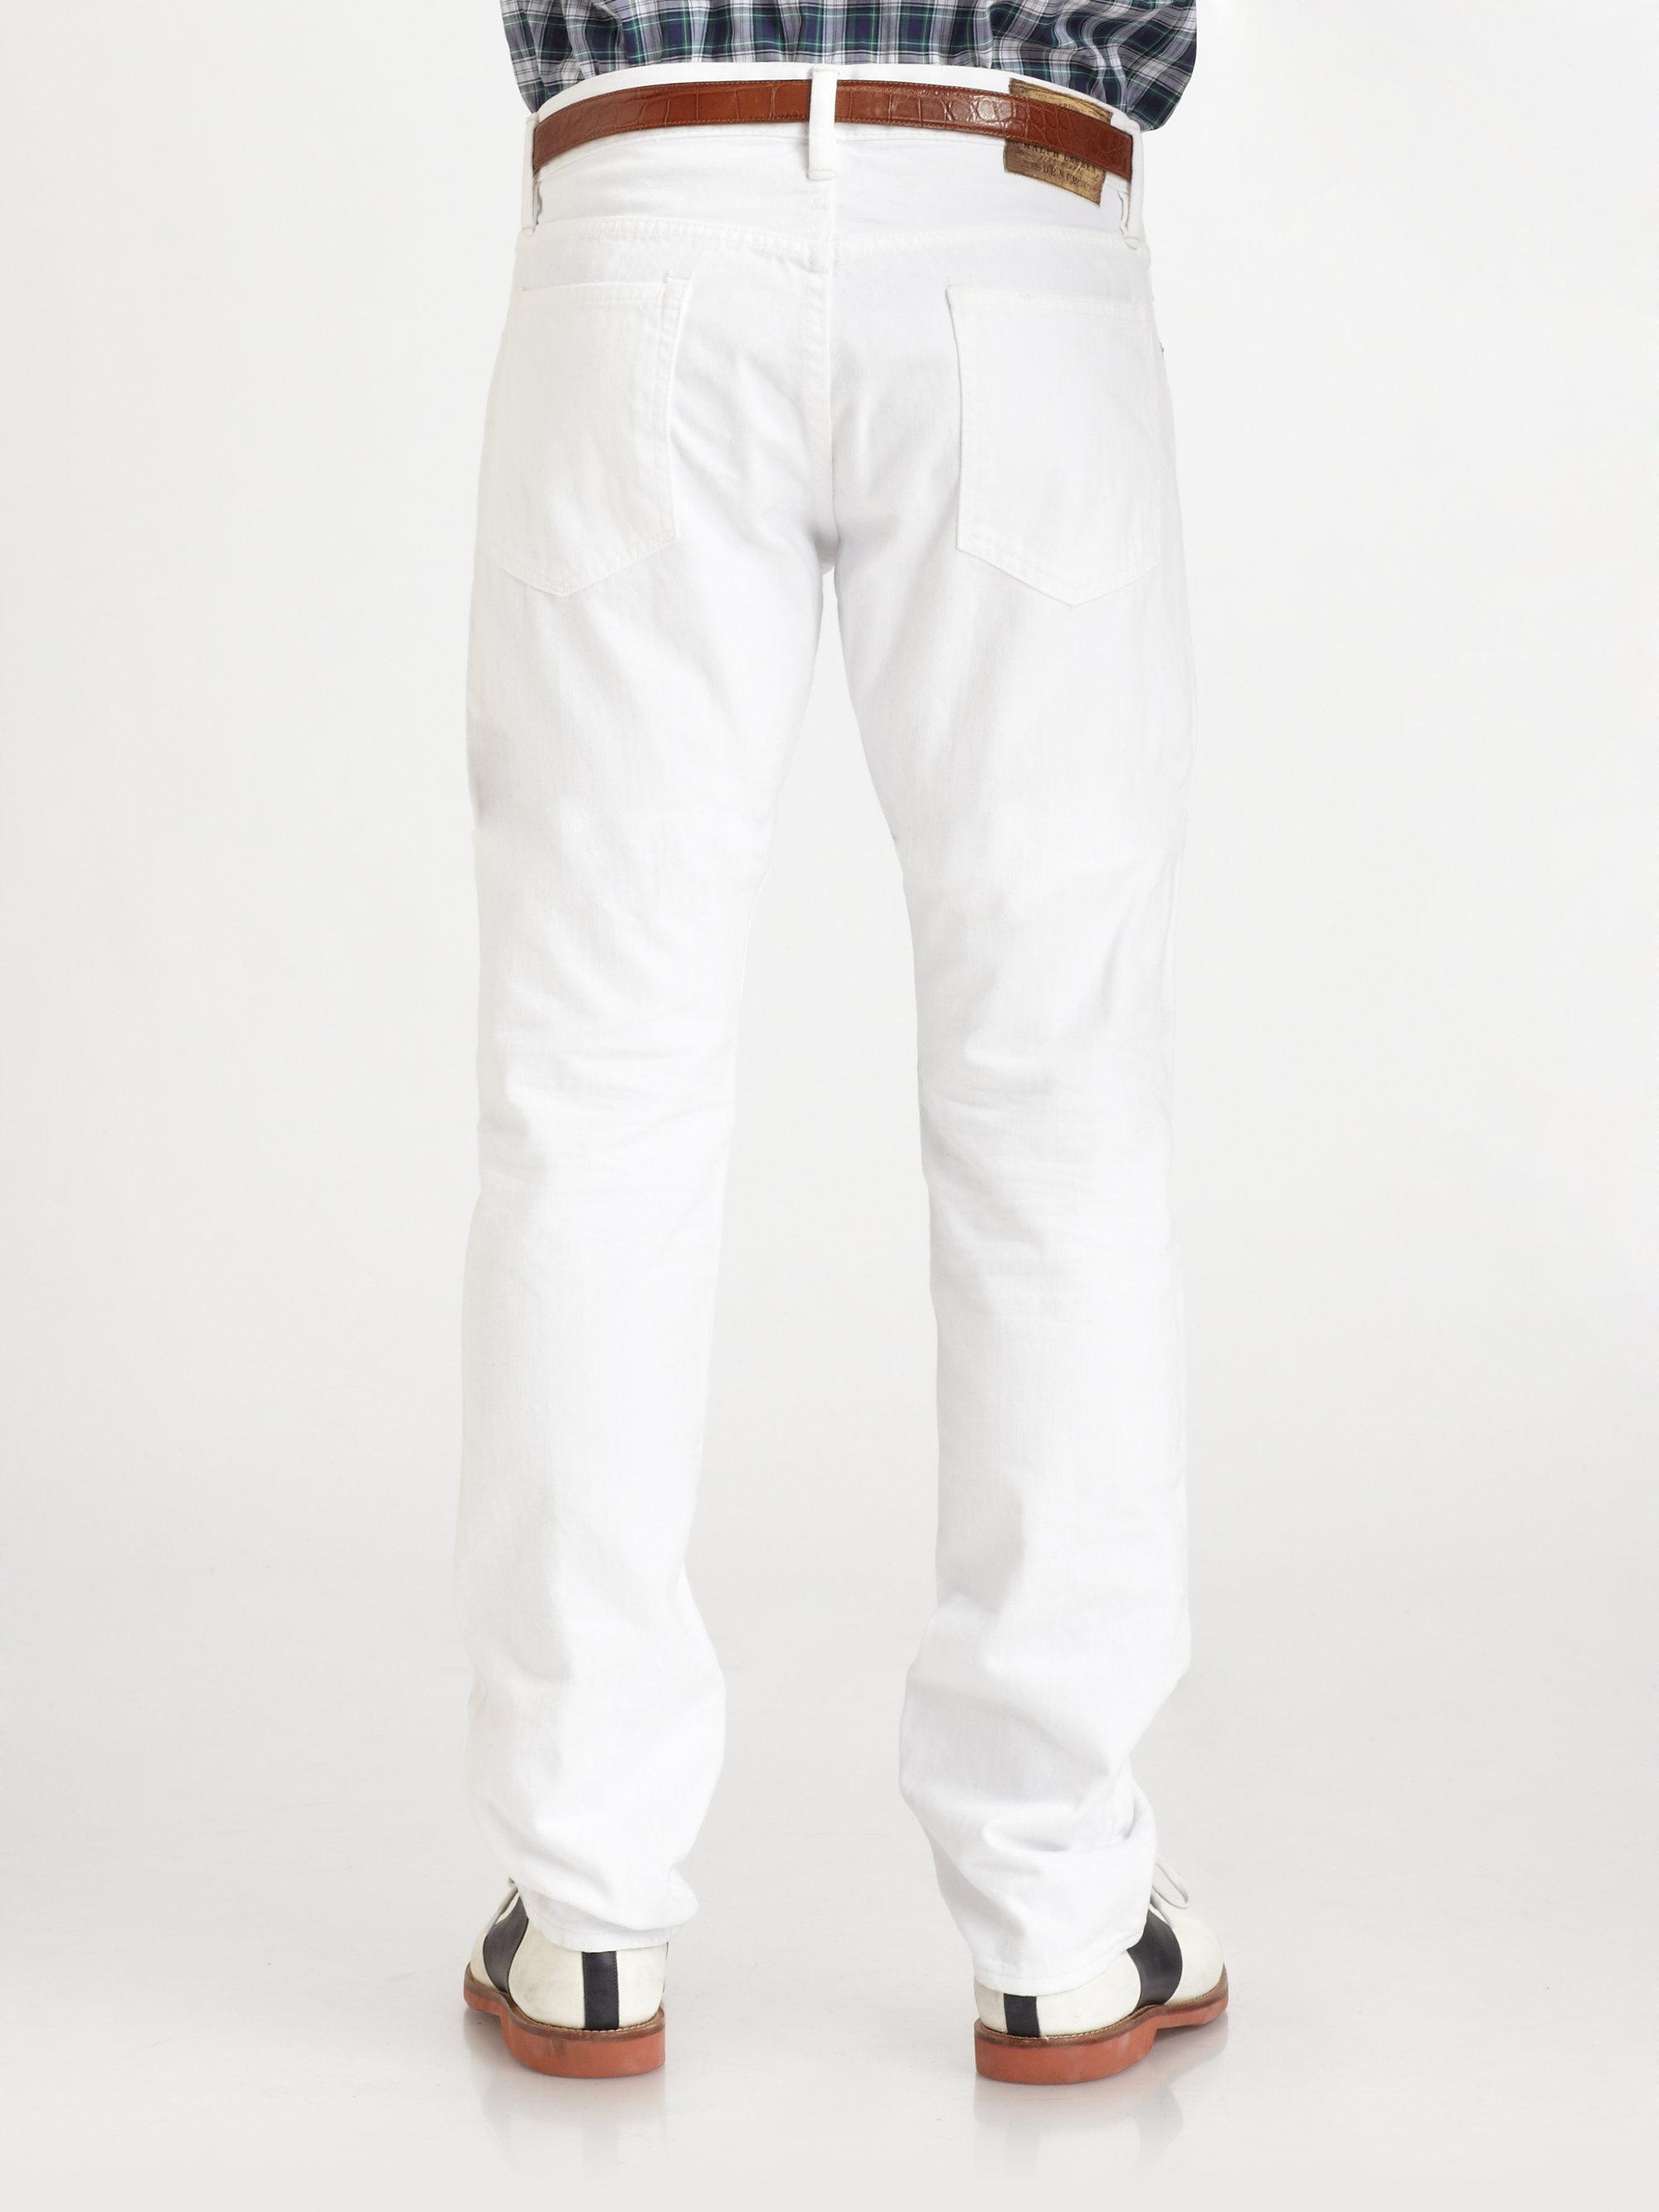 Polo Ralph Lauren Varick Slim Fit Jeans In White For Men